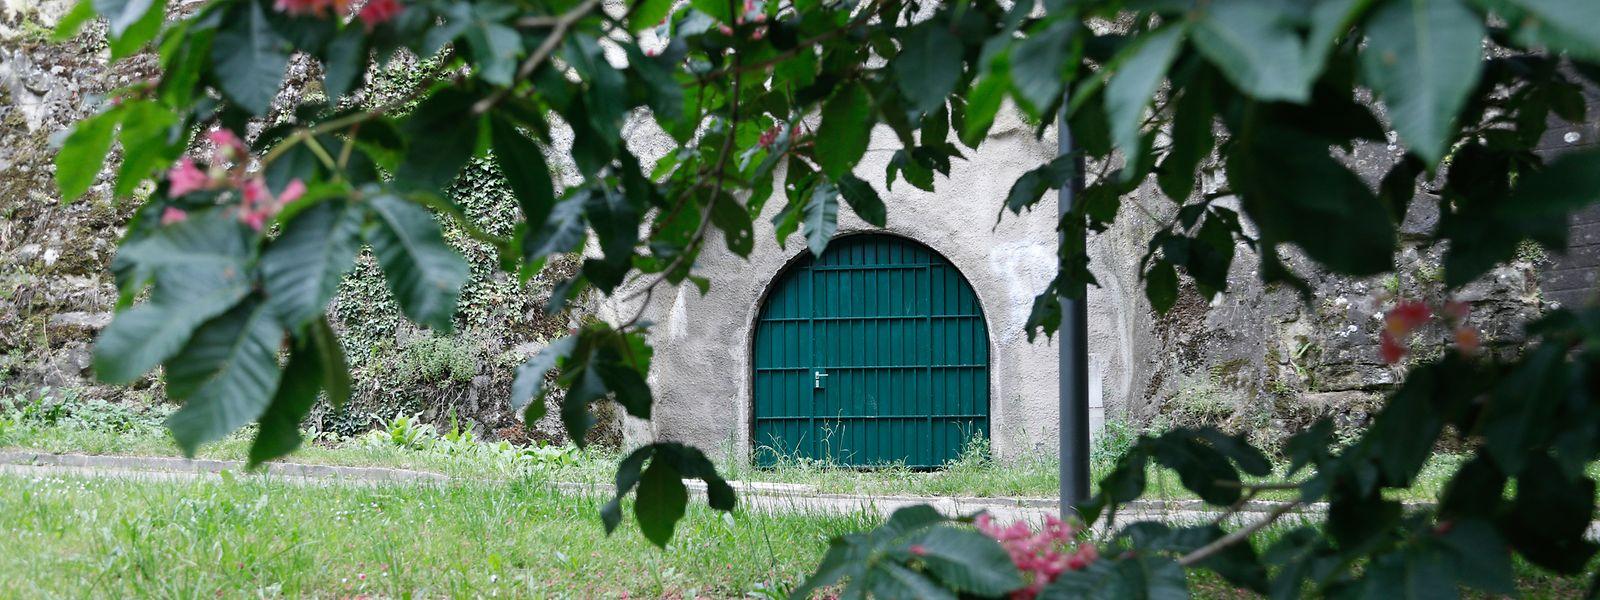 Zwei Türen - die eine im Petrusstal (Foto), die andere im Pfaffenthal. Mehr weist nicht auf den versteckten Tunnel unterhalb der Stadt hin.